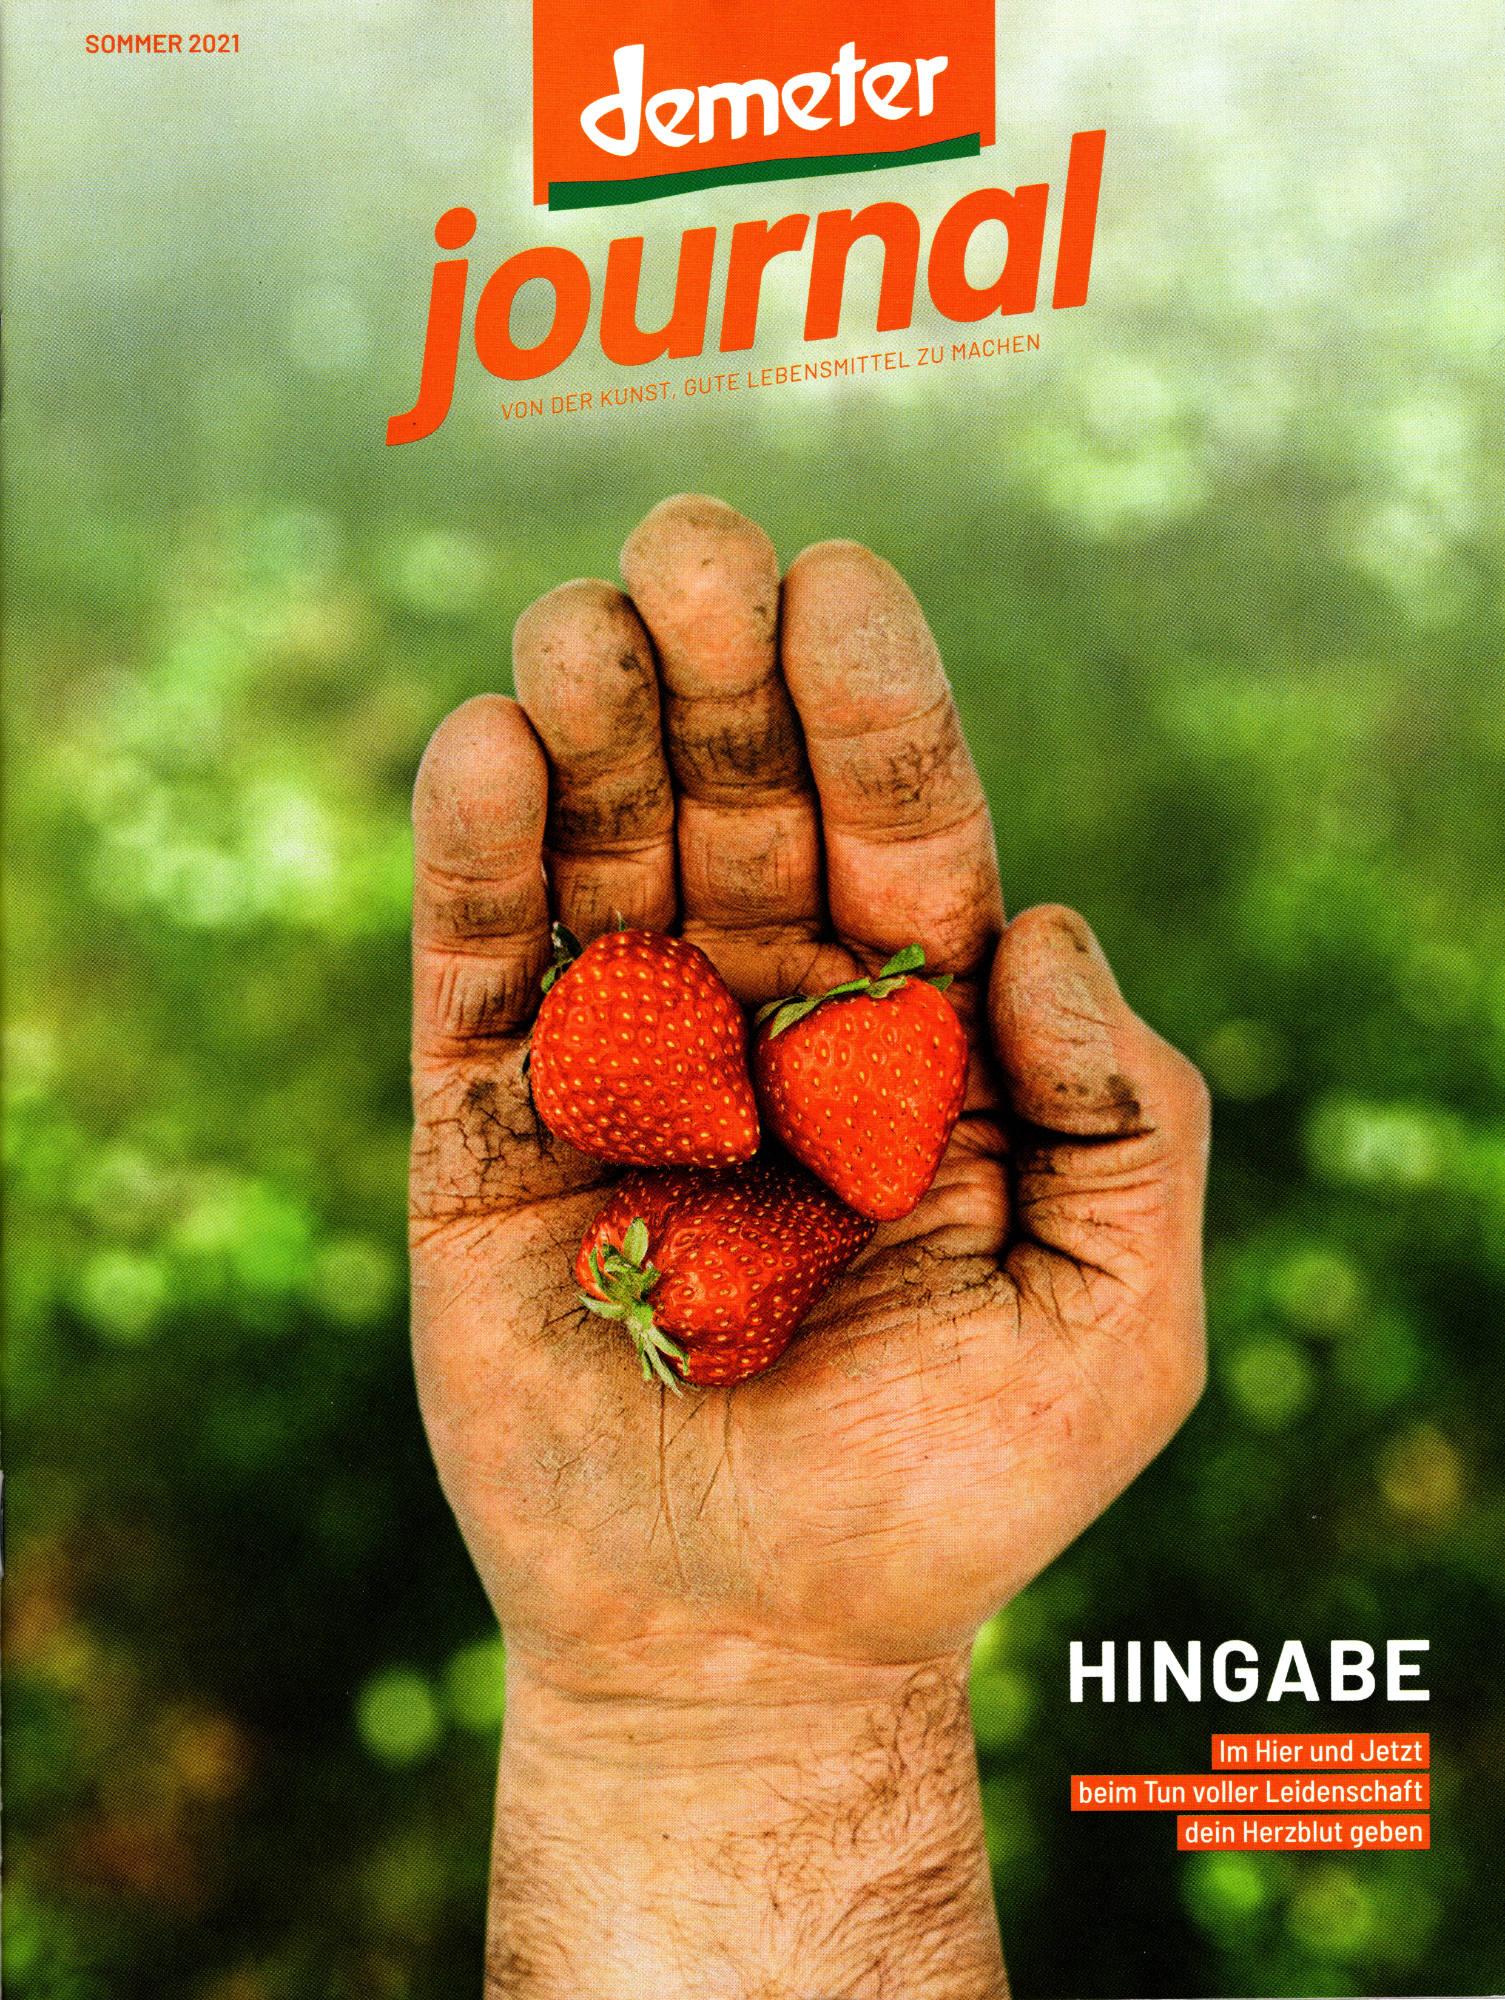 Demeter Journal Sommer 2021